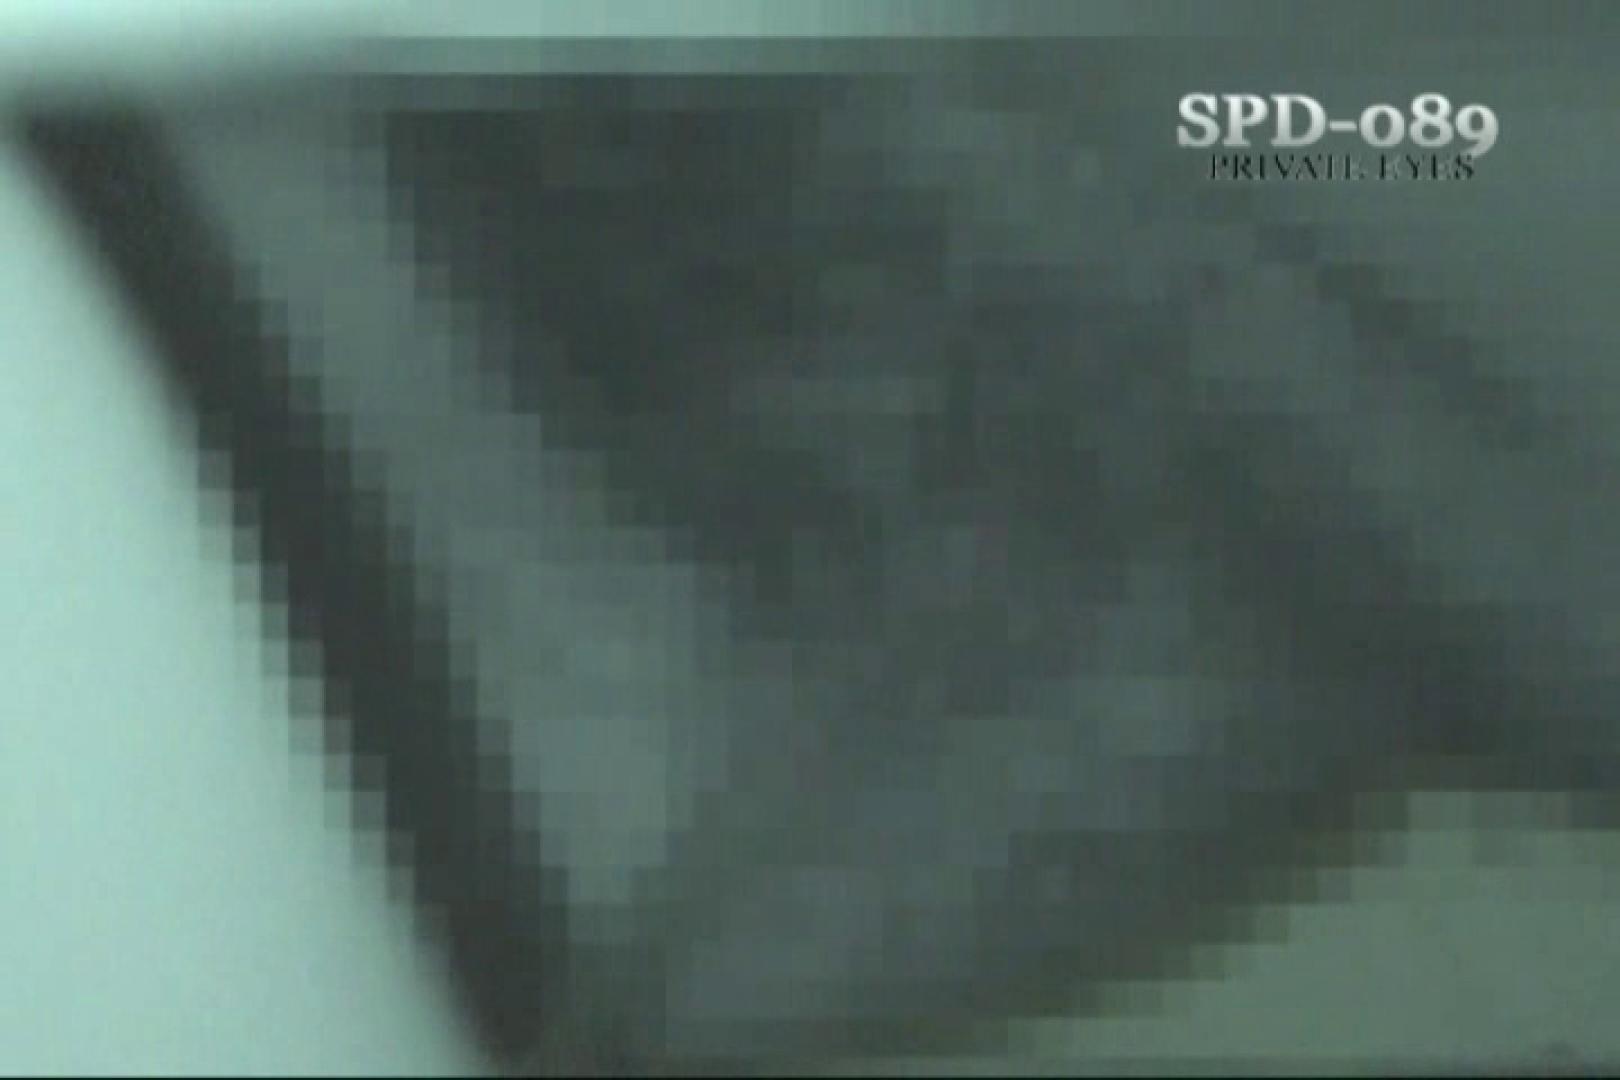 高画質版!SPD-089 厠の隙間 4 厠 | 名作  58pic 13